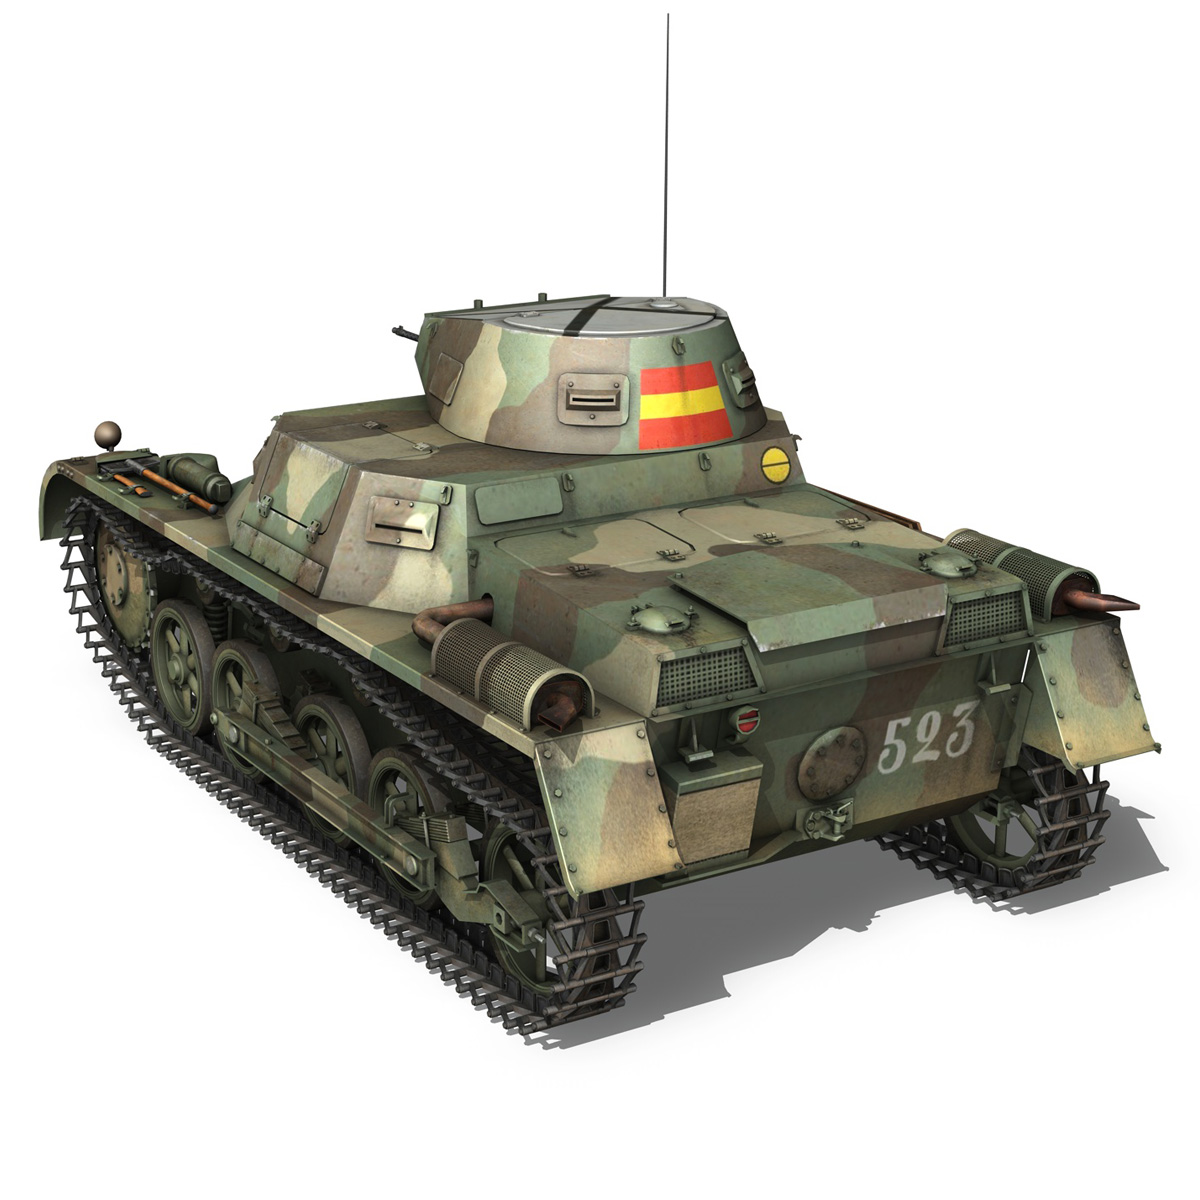 pzkpfw 1 – panzer 1 – ausf. a – 523 3d model 3ds c4d lwo obj 264390